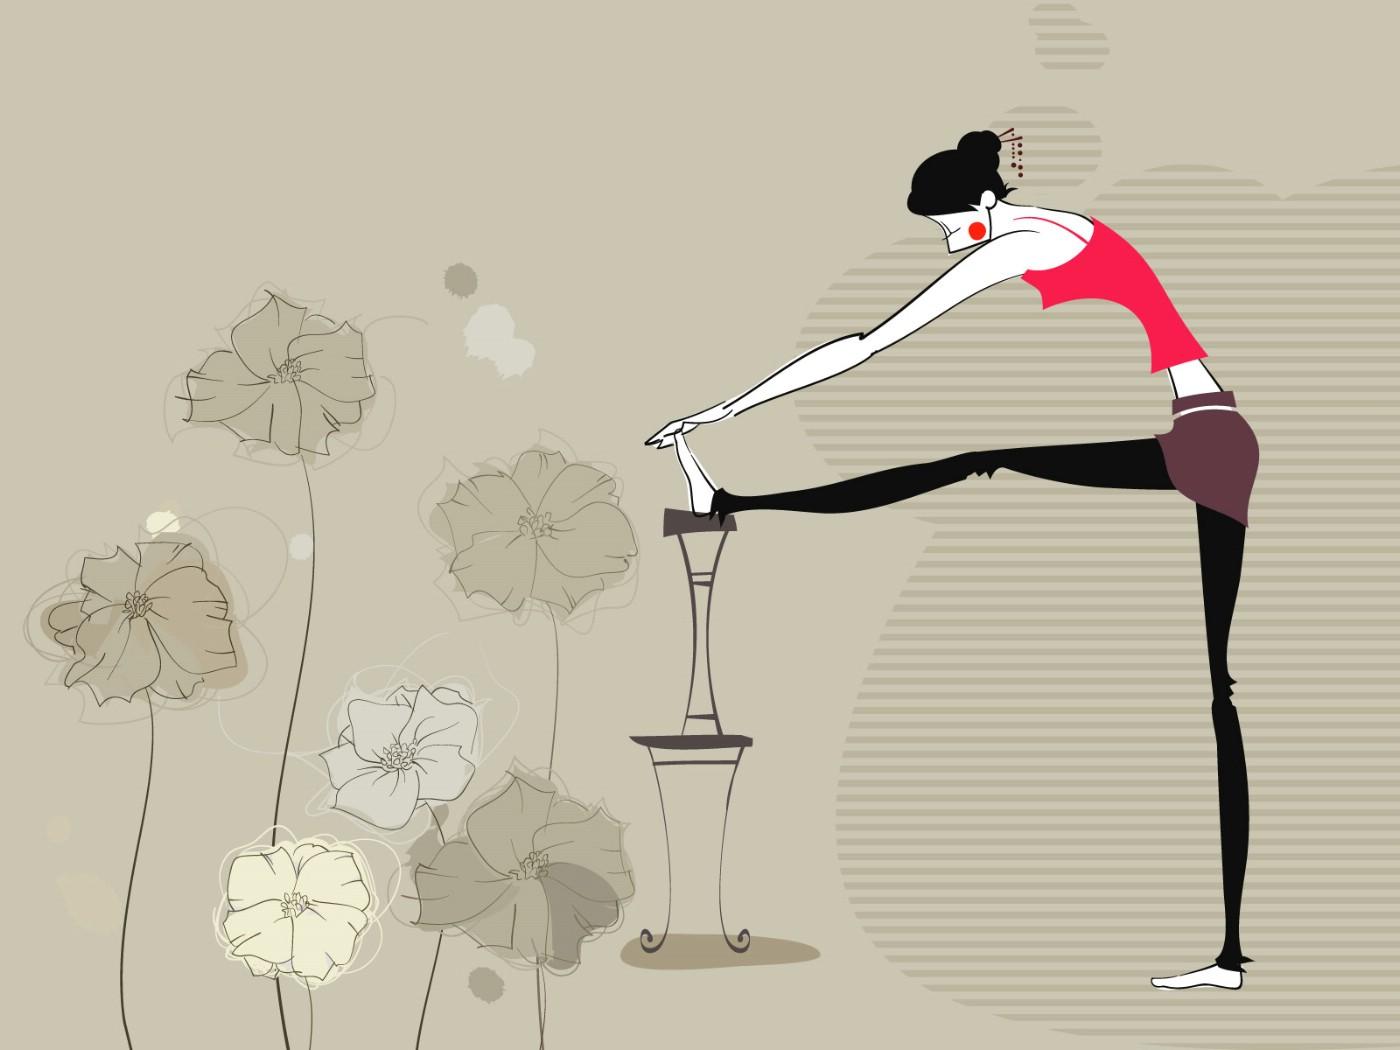 壁纸1400×1050矢量运动女孩 2 11壁纸 矢量运动女孩壁纸图片矢量壁纸矢量图片素材桌面壁纸